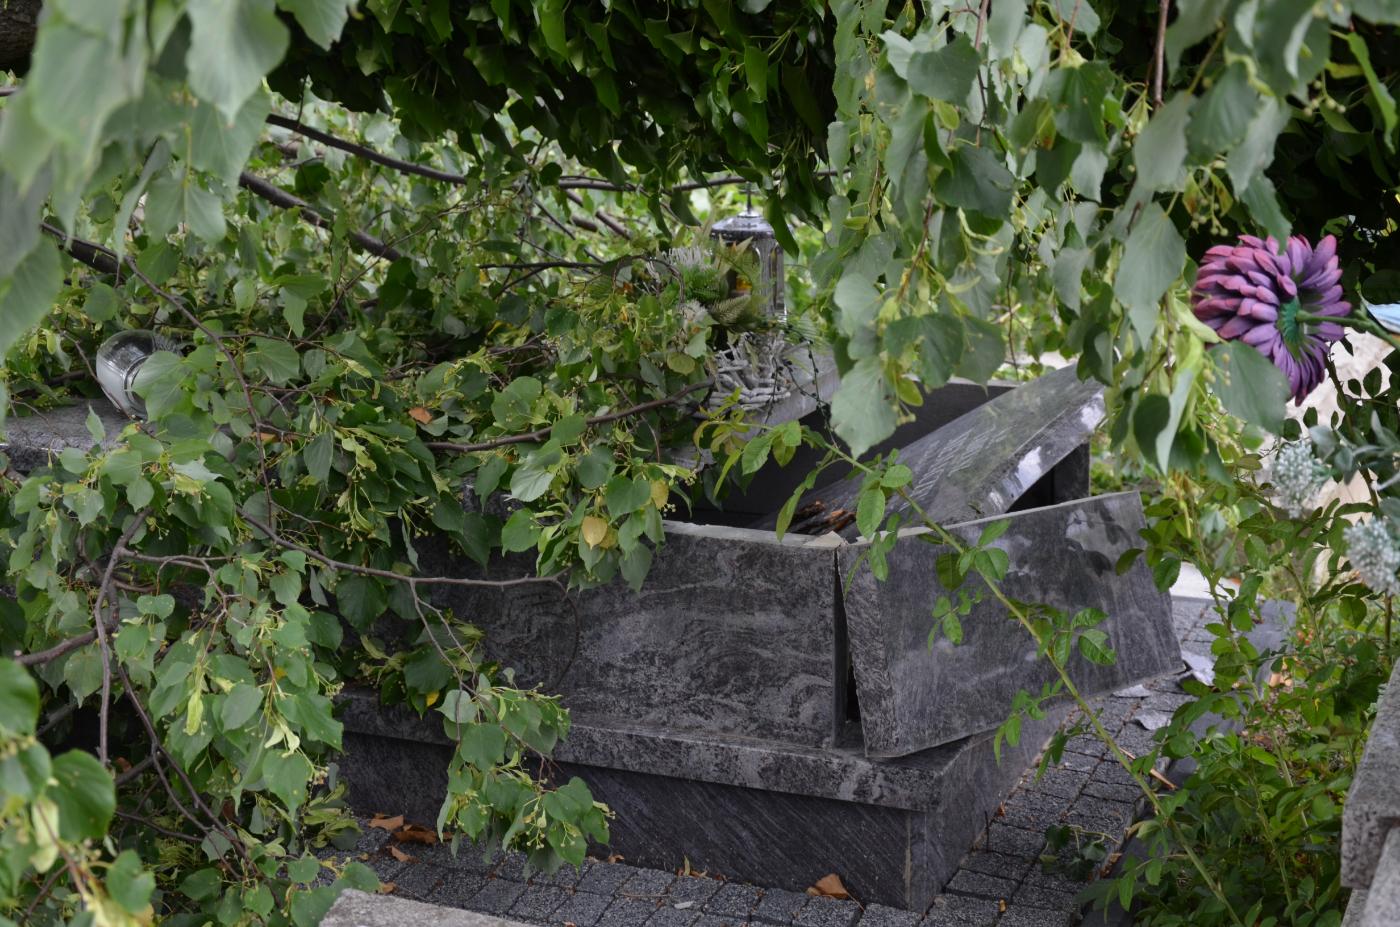 Powalone drzewo zniszczyło nagrobki na cmentarzu centralnym w Sanoku [ZDJĘCIA+WIDEO] - Zdjęcie główne